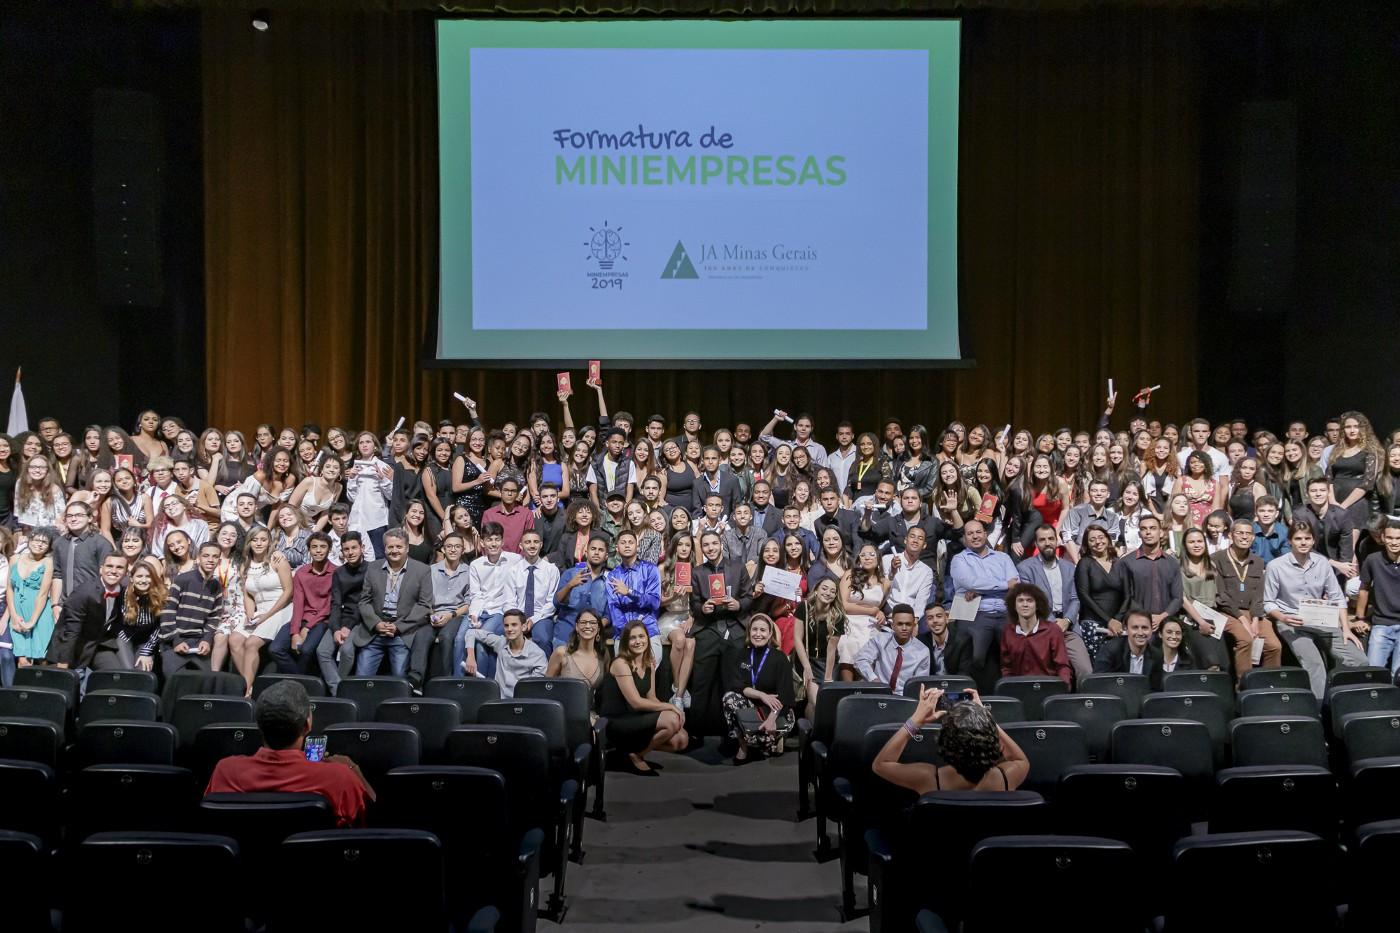 280 novos empreendedores se formam pelo Miniempresa